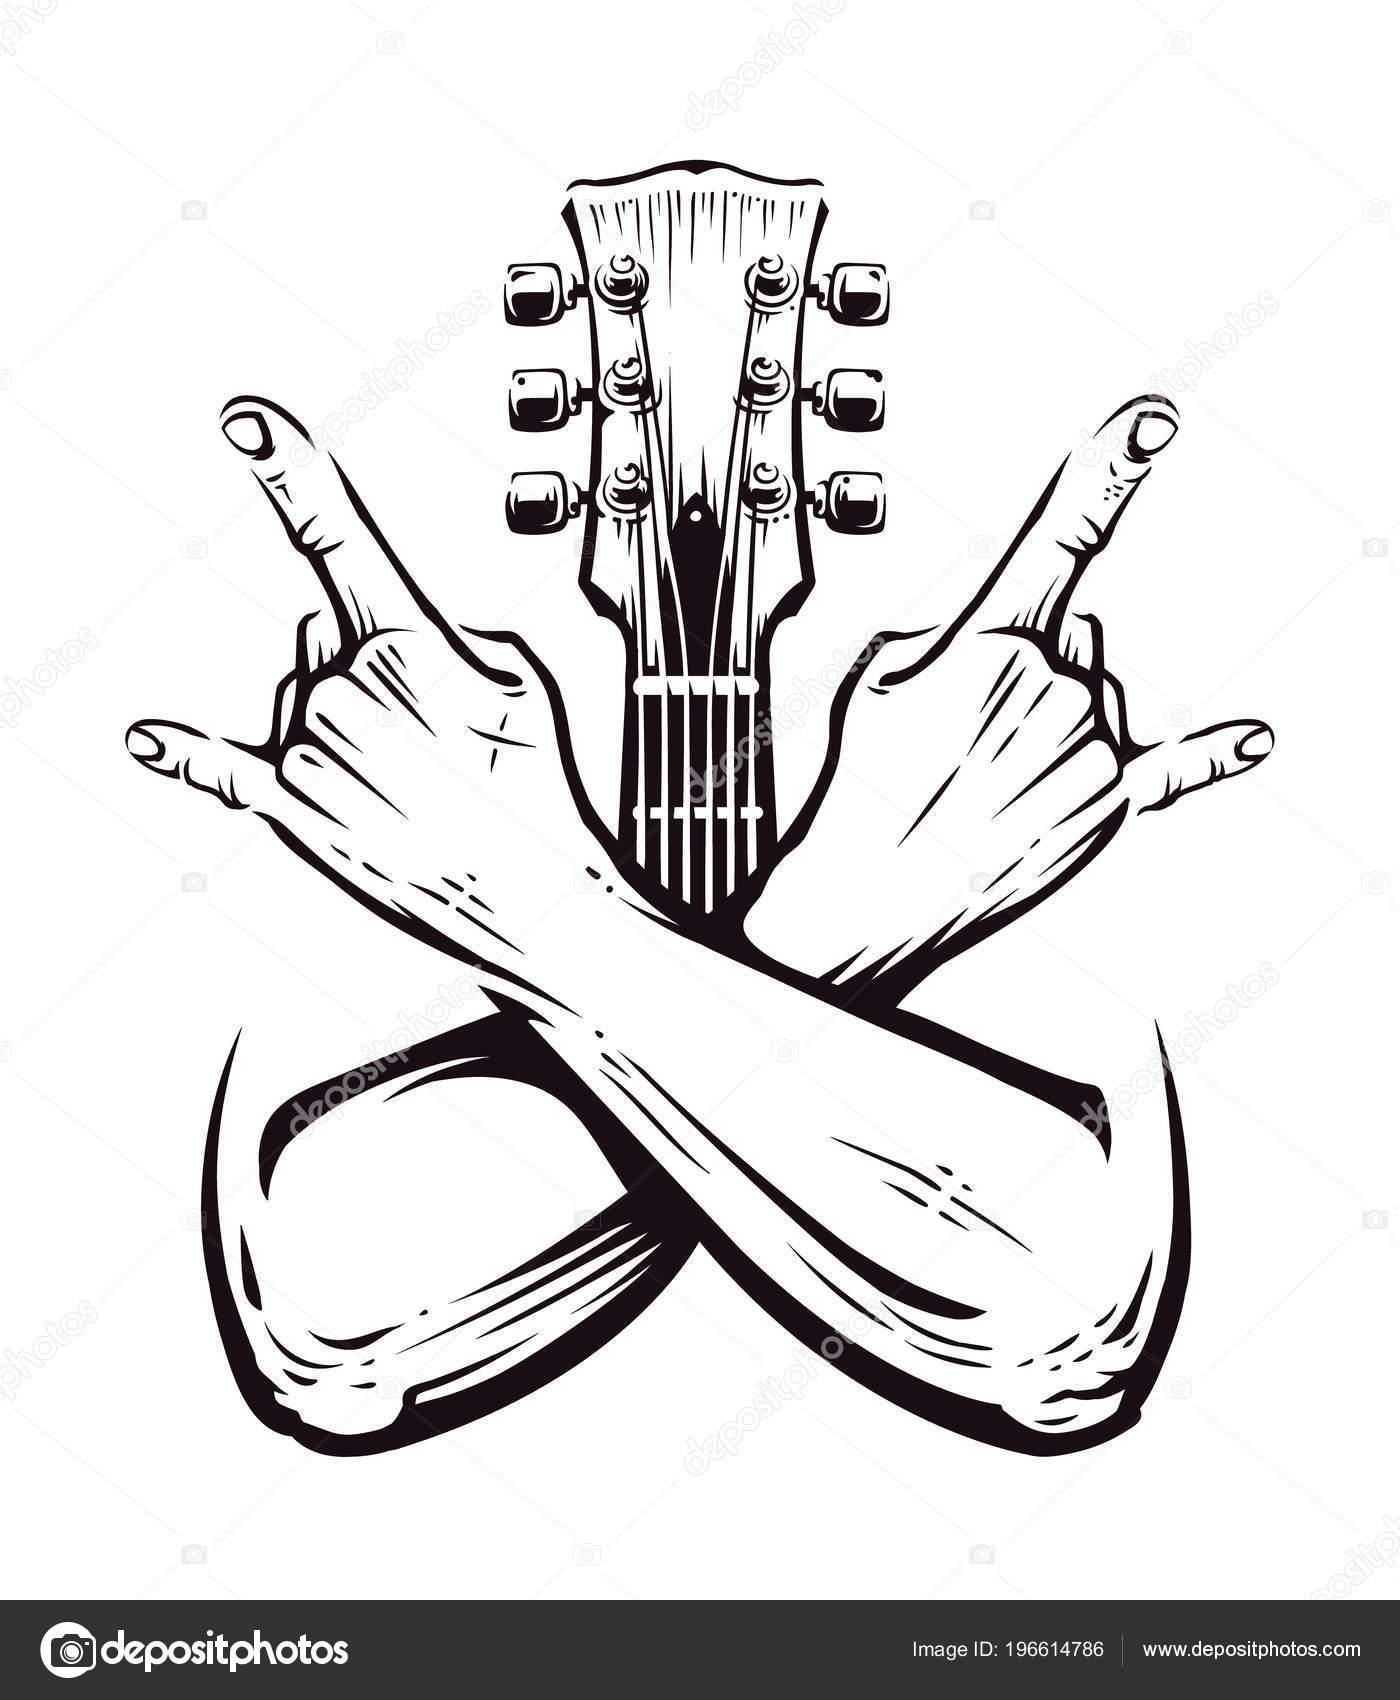 Поем песни - Страница 10 Depositphotos_196614786-stock-illustration-crossed-hands-sign-rock-roll